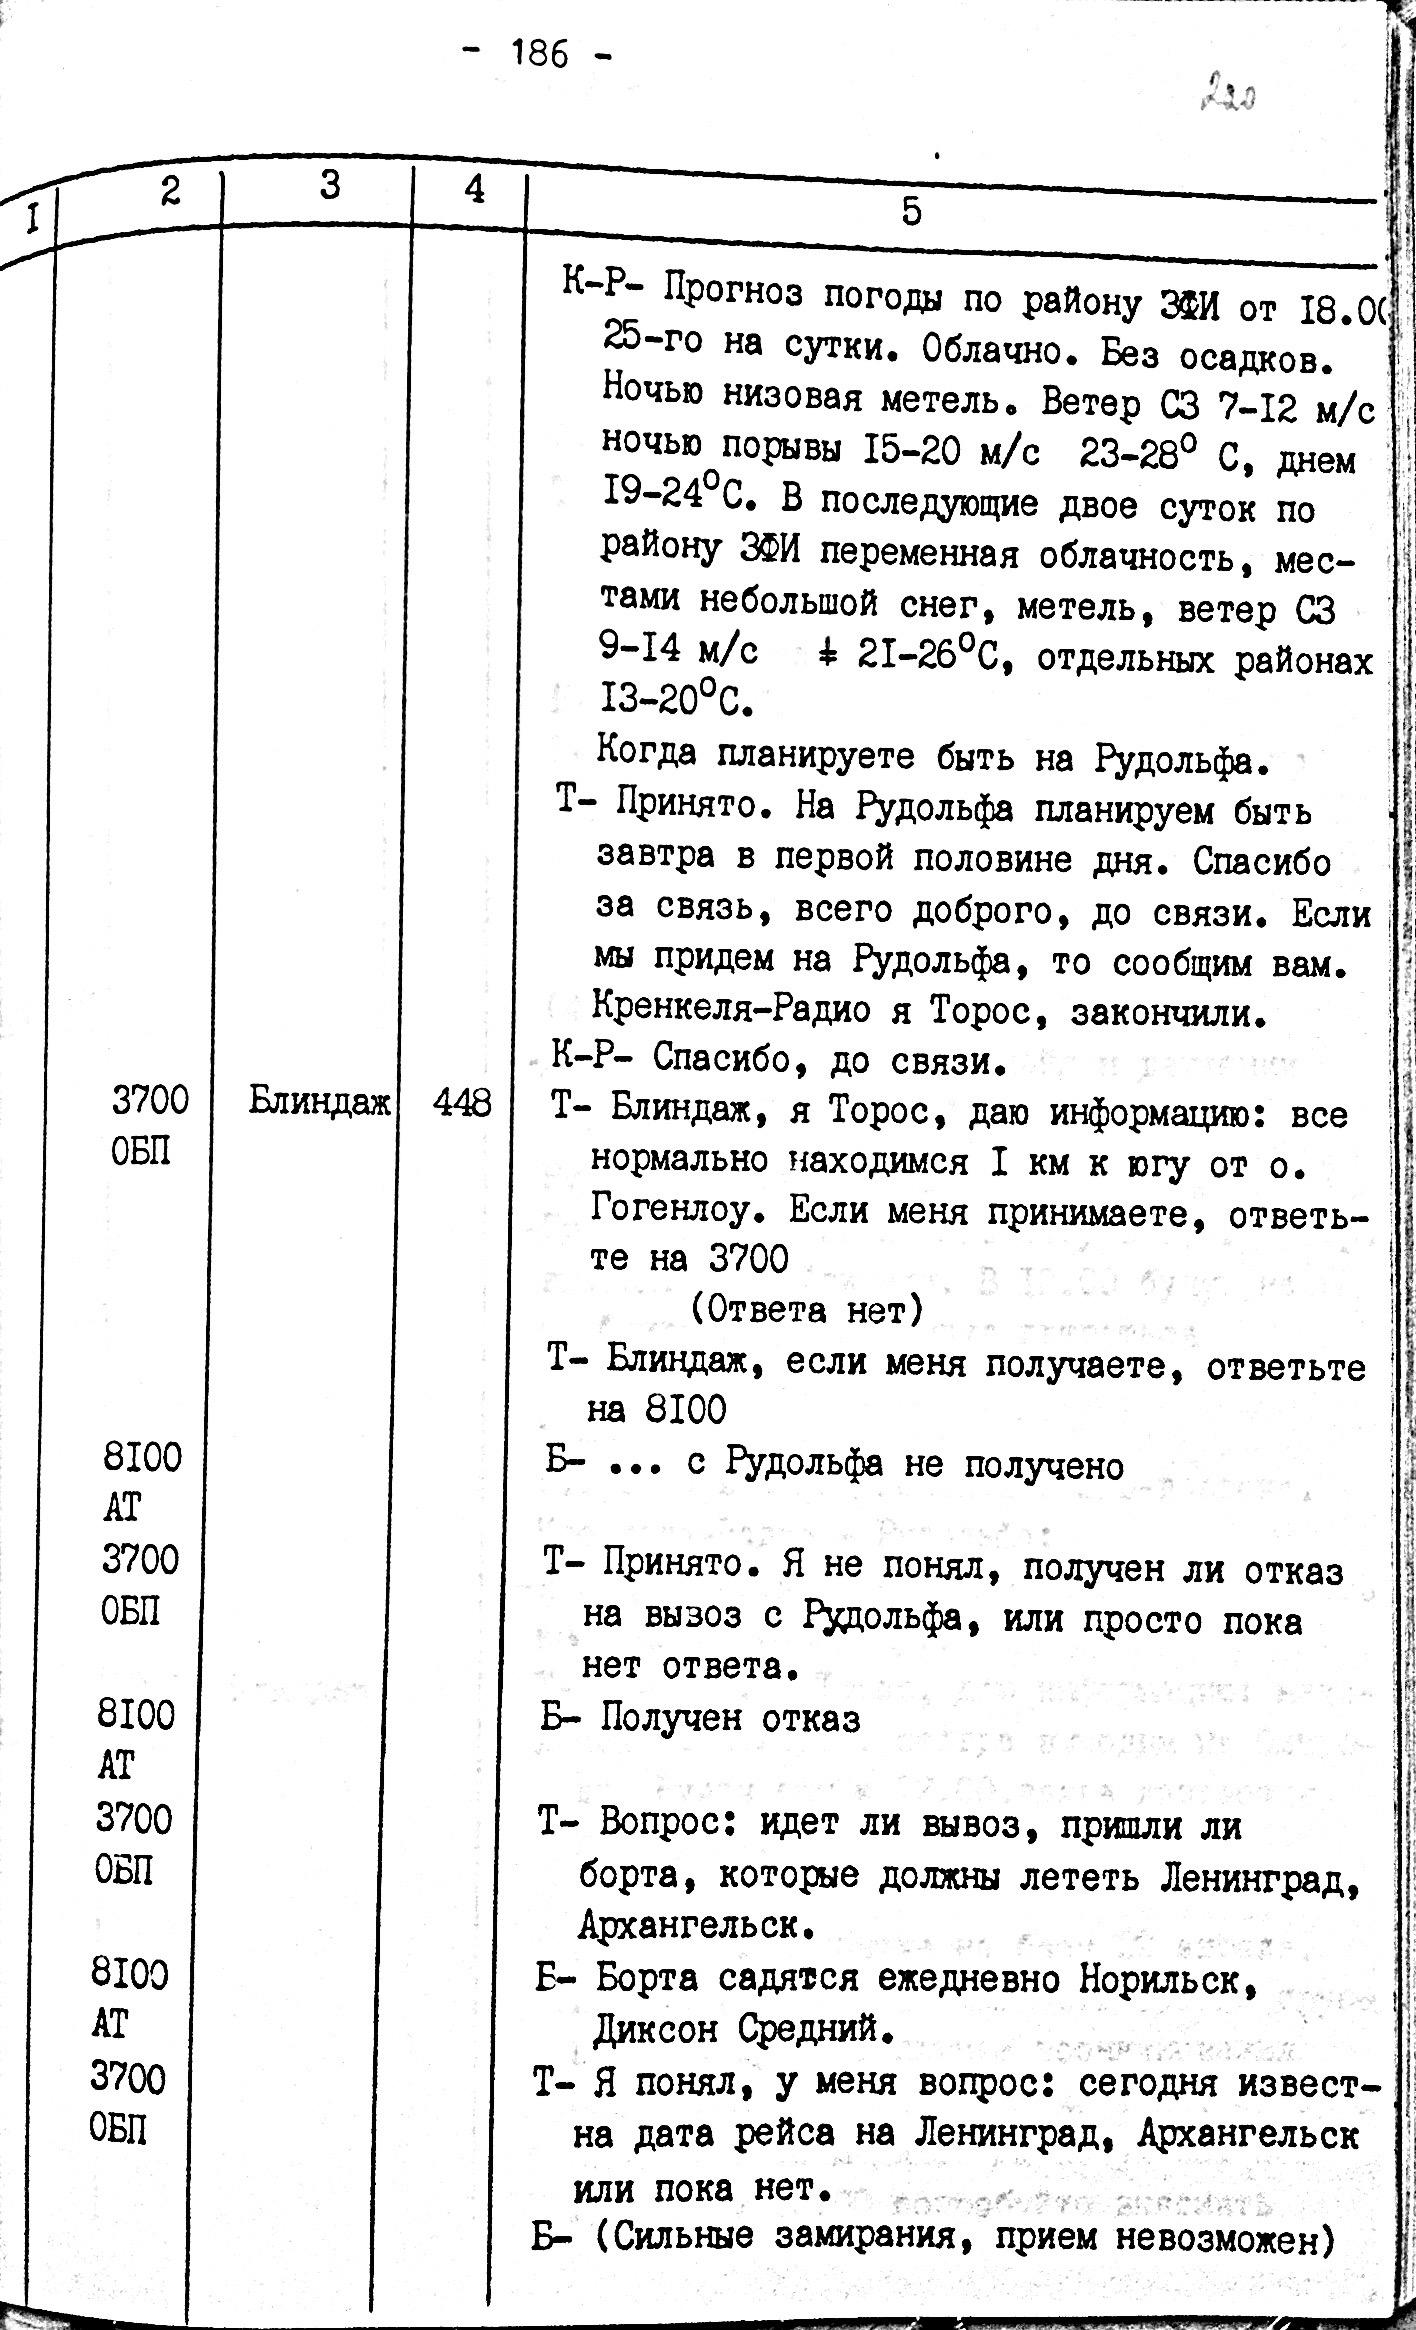 аппаратный журнал радиостанции